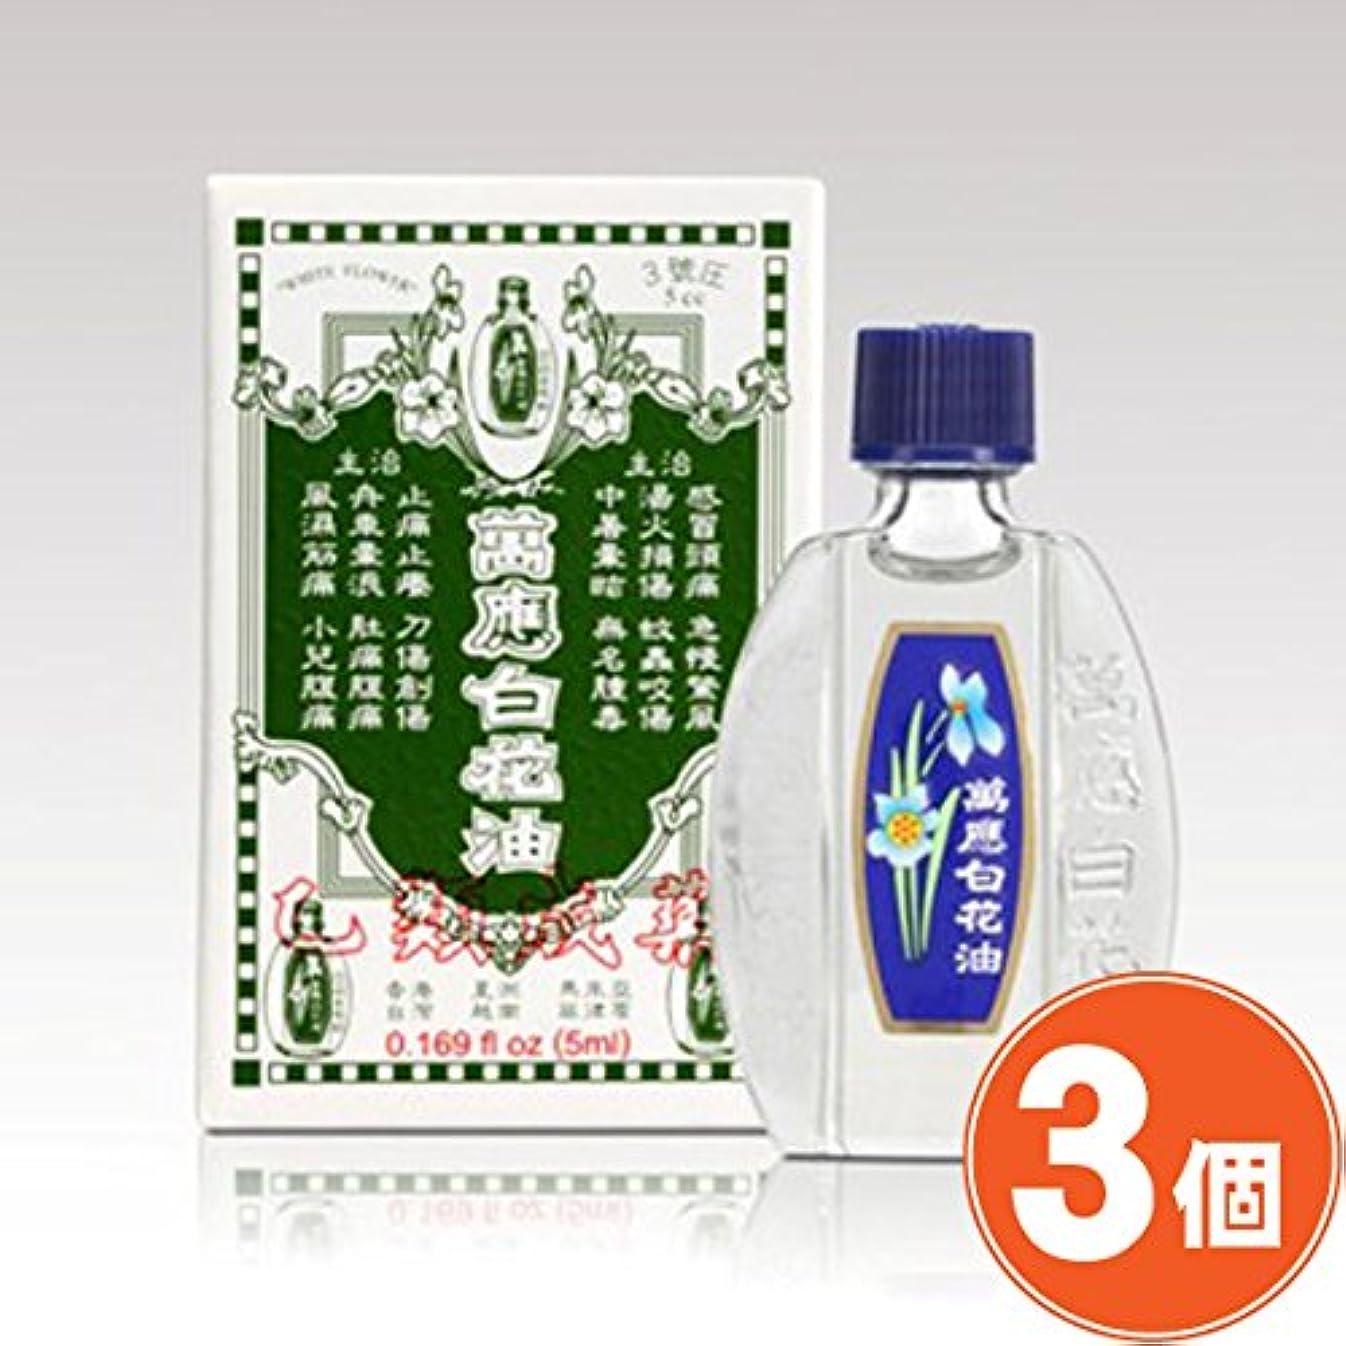 スムーズにスキム過敏な《萬應白花油》 台湾の万能アロマオイル 万能白花油 5ml × 3個 《台湾 お土産》 [並行輸入品]